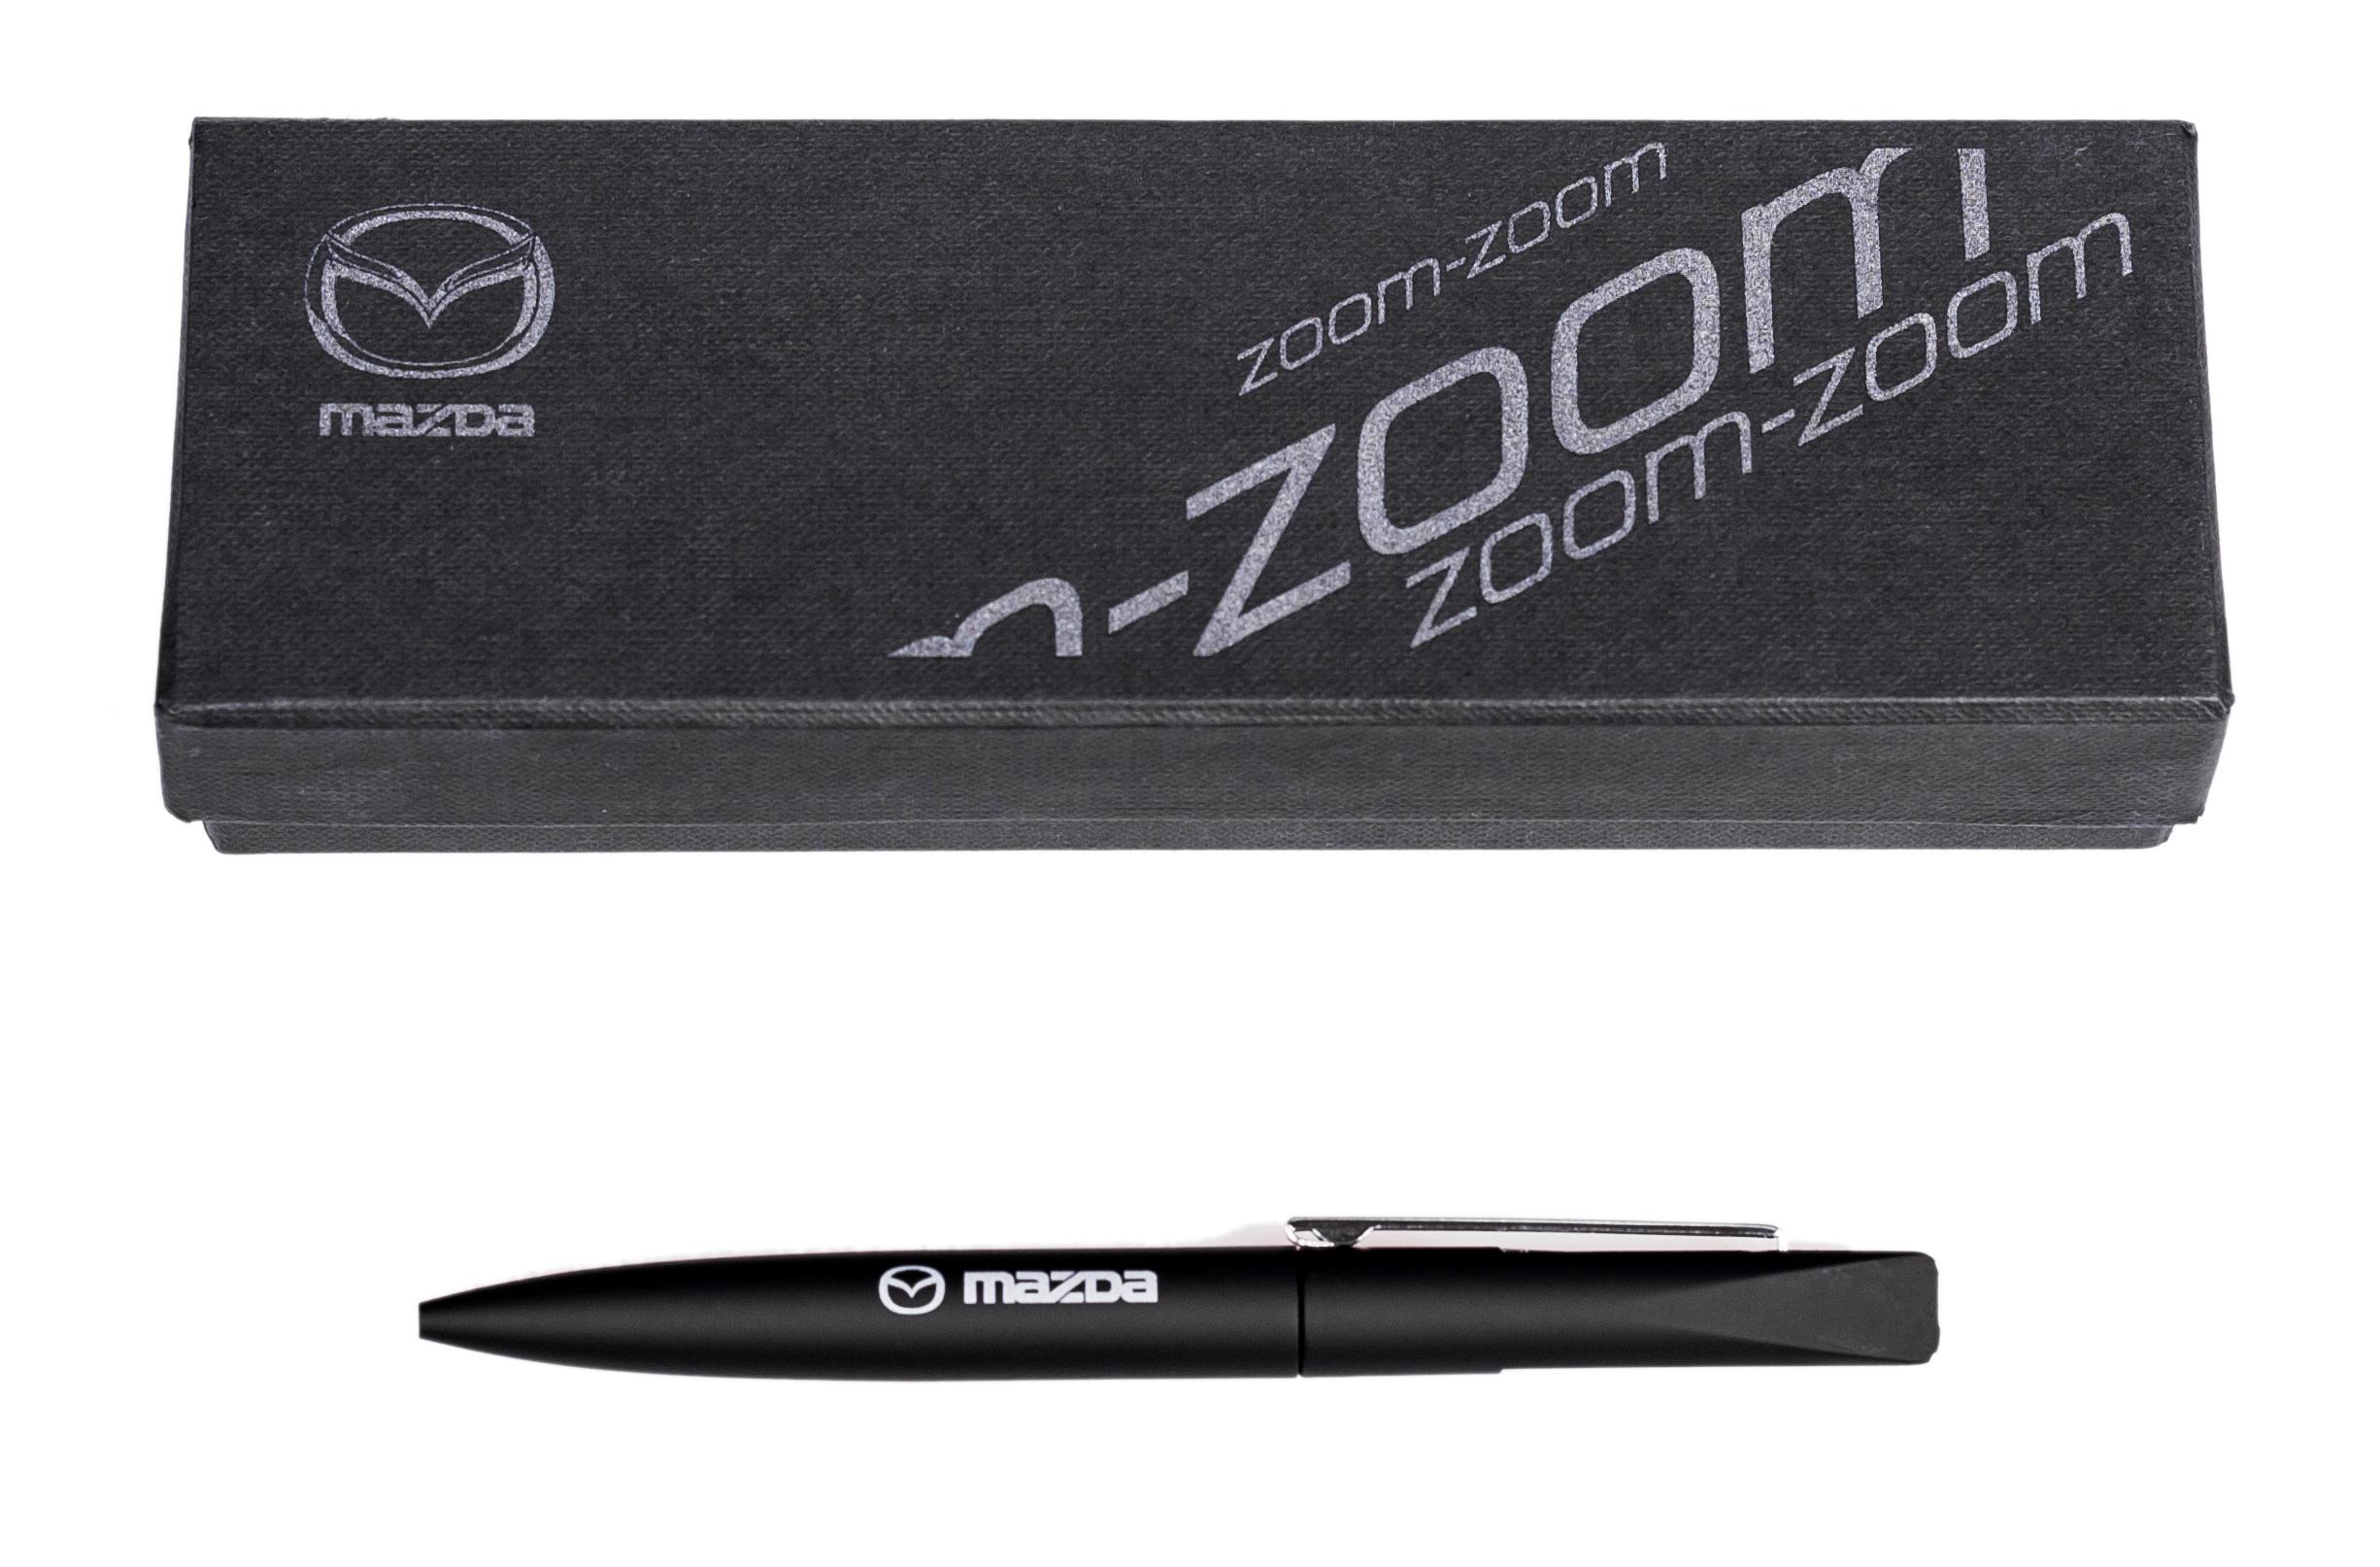 Шариковая ручка Mazda Premium 830077784 Black